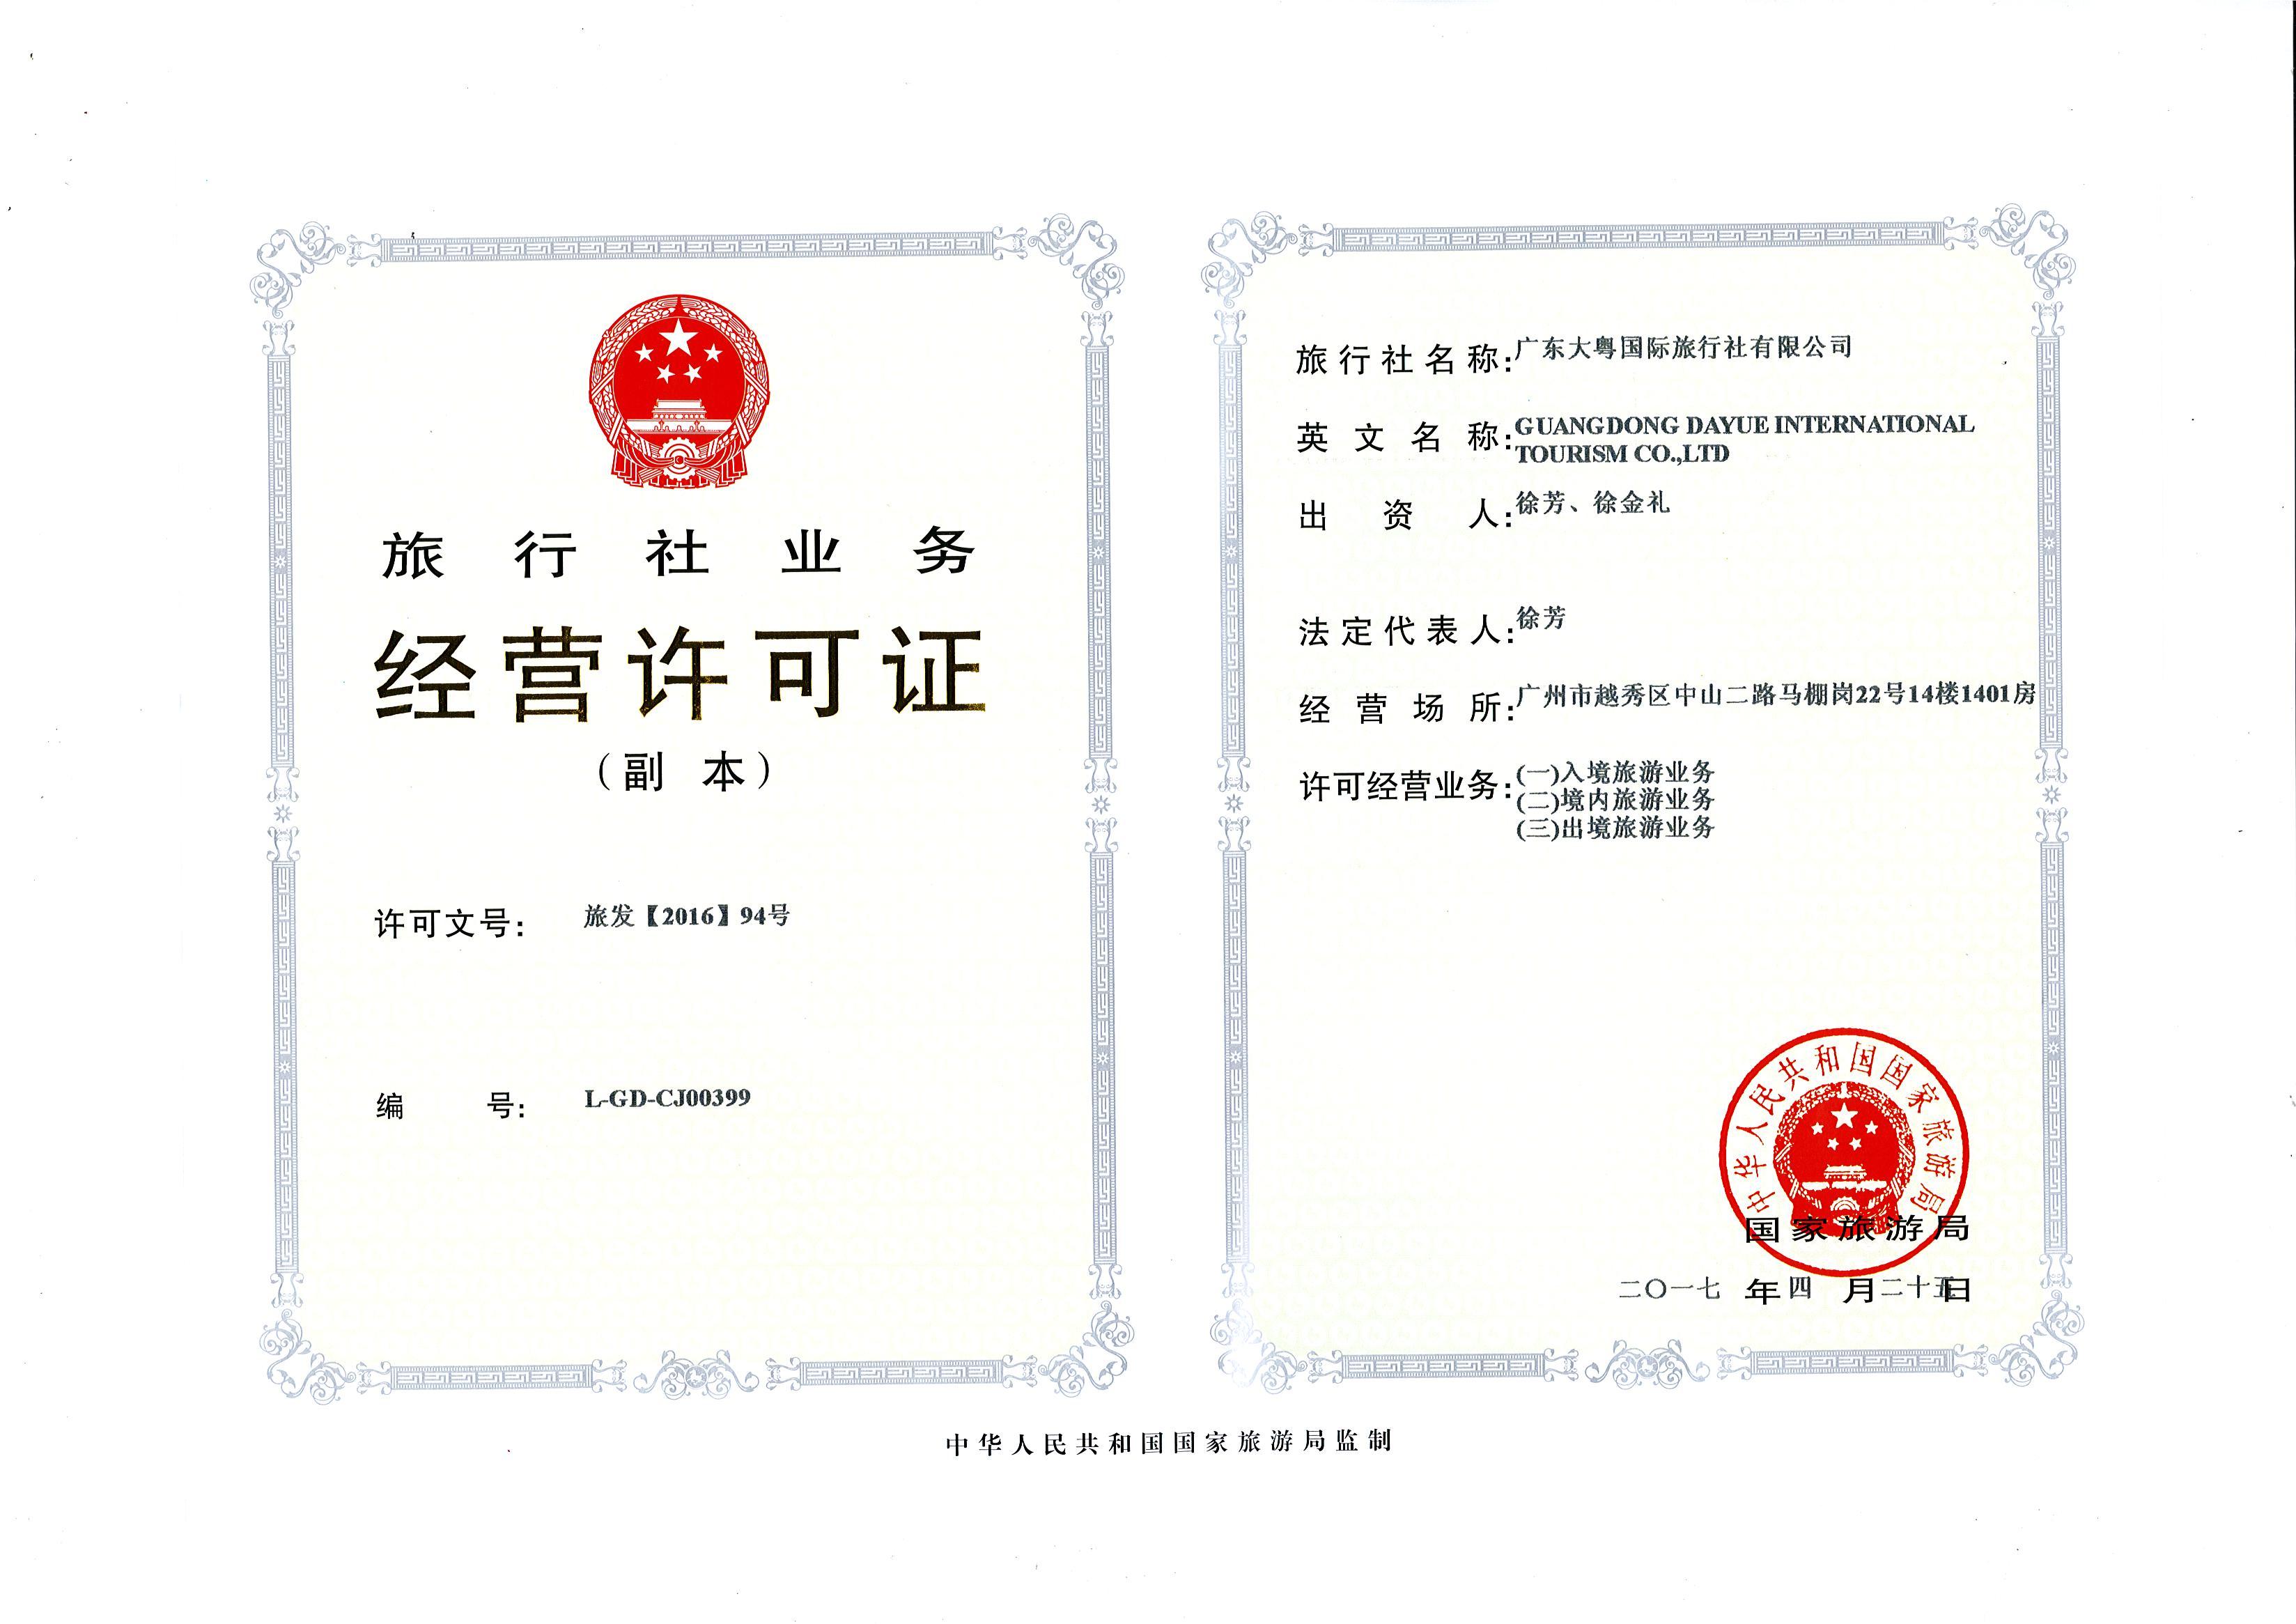 广东大粤国际旅行社有限公司经营许可证